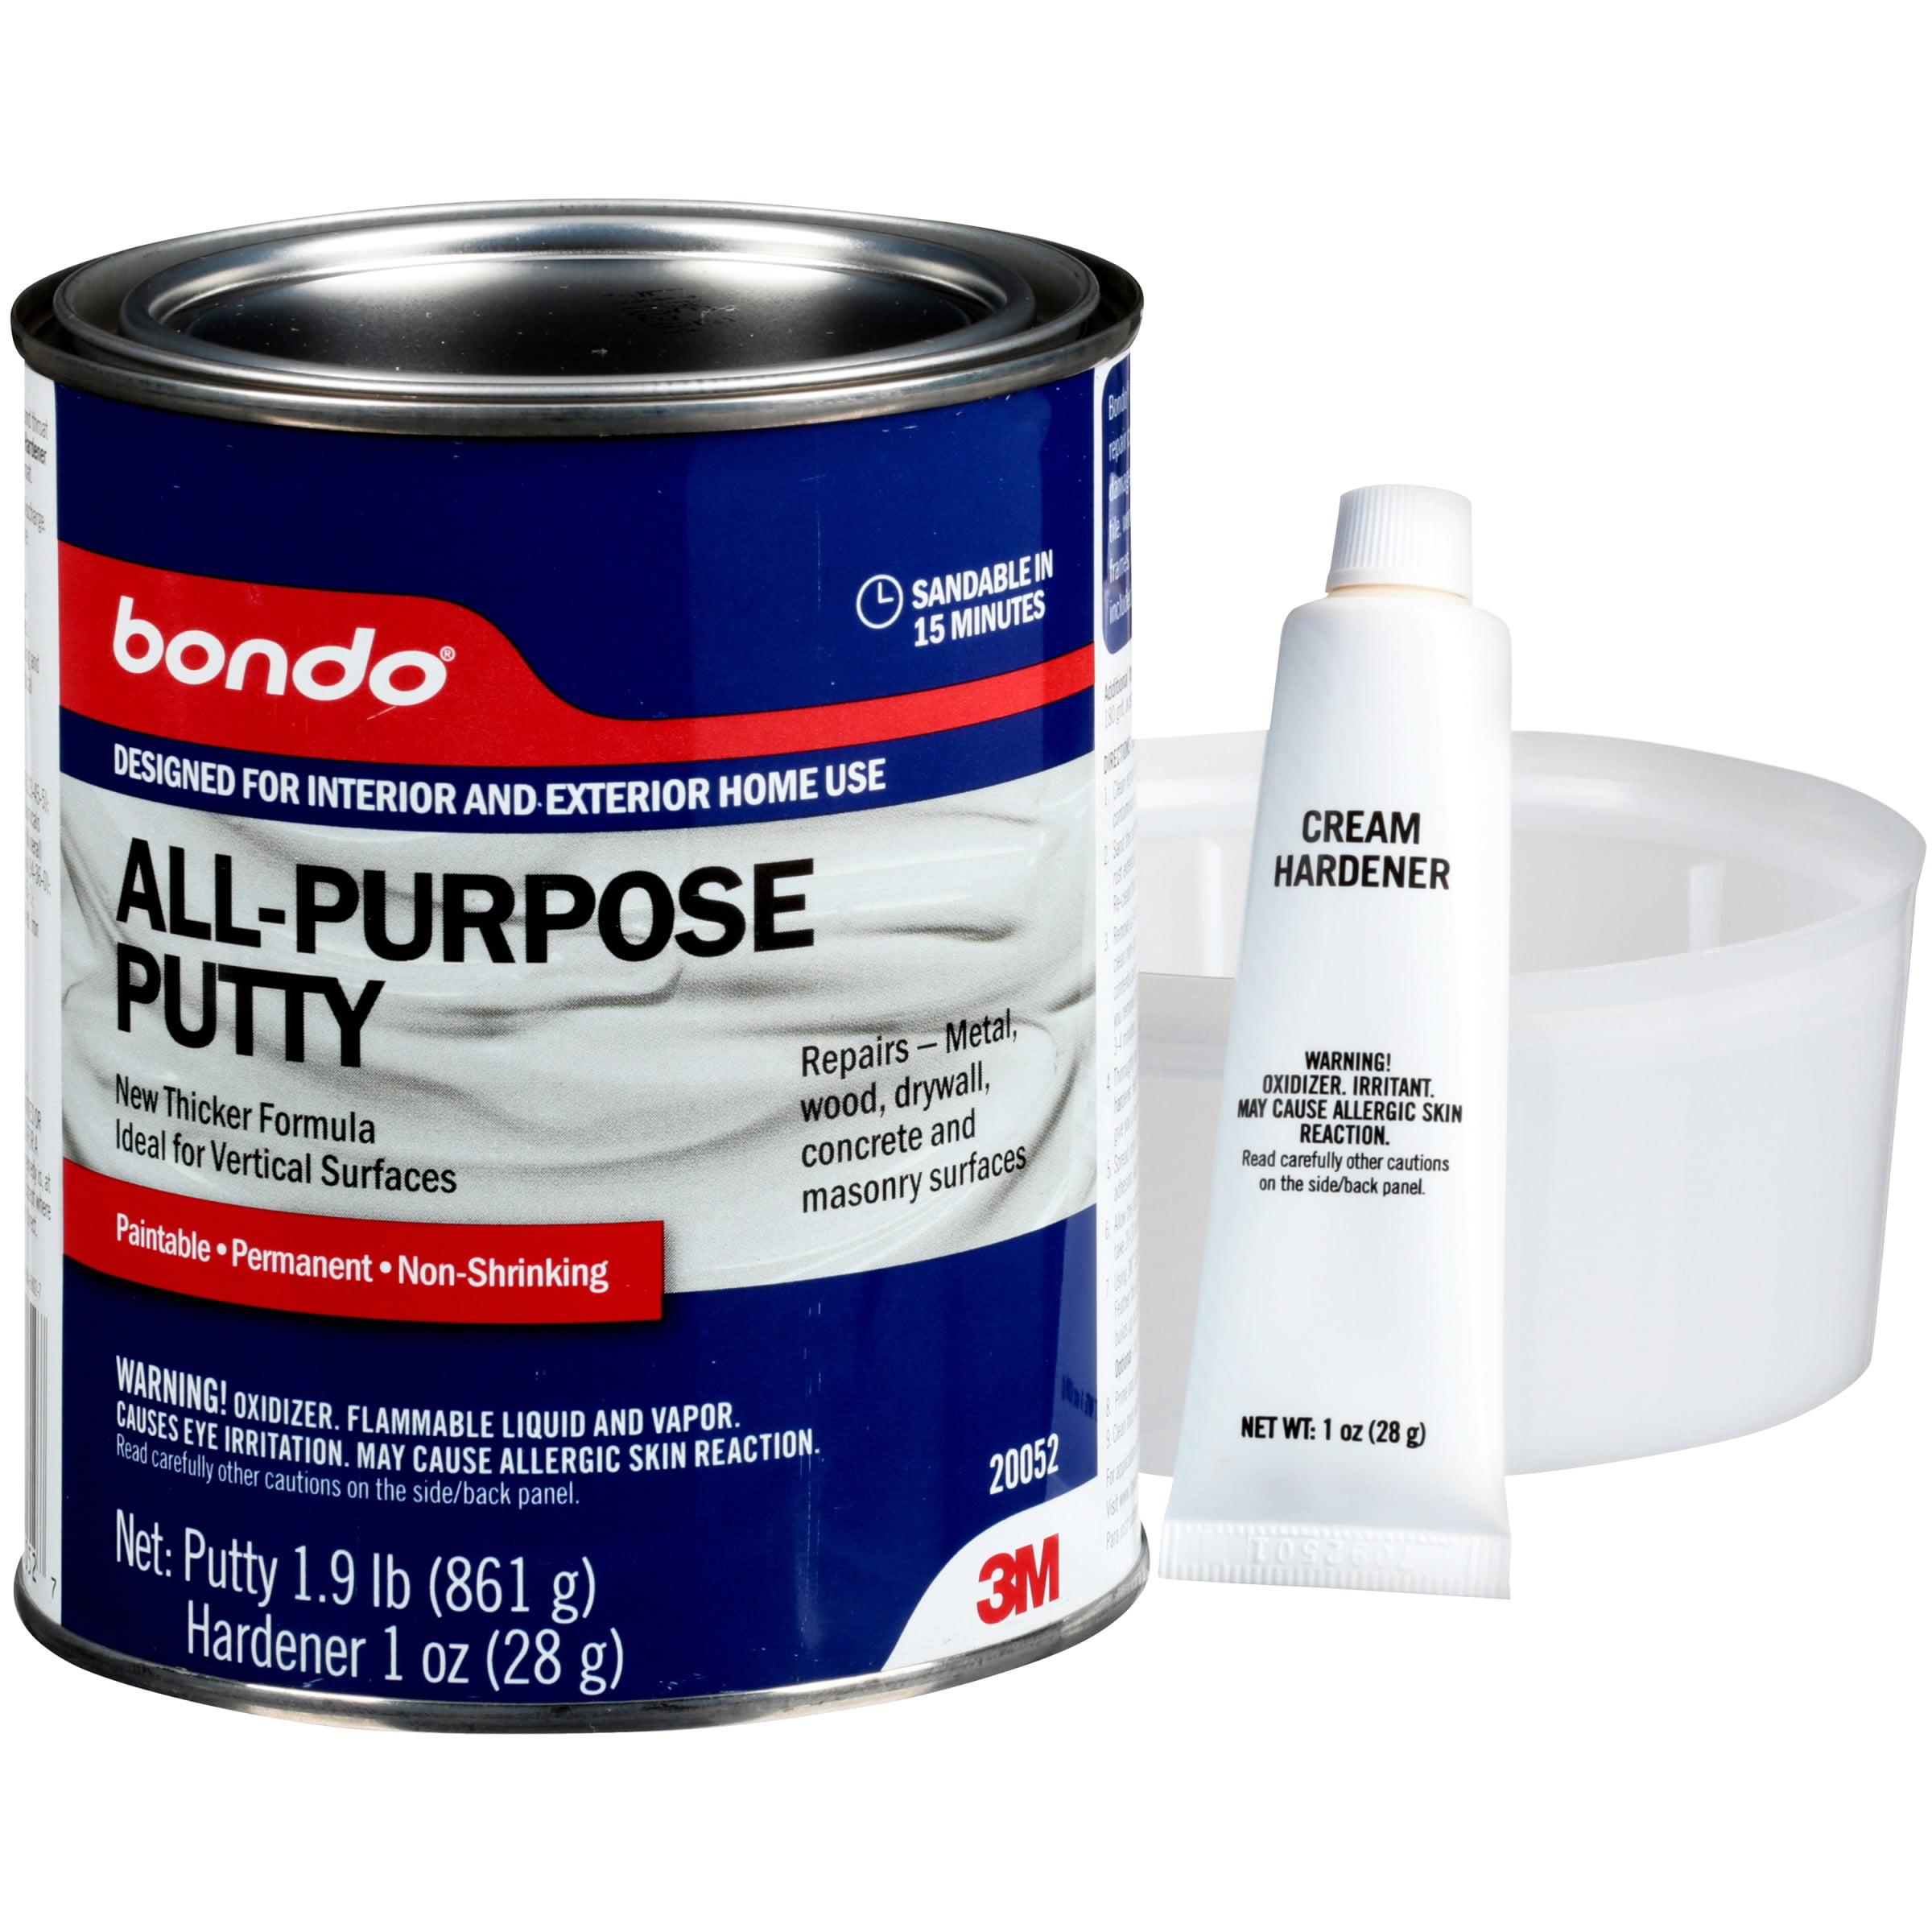 Bondo® All-Purpose Putty & Cream Hardener Variety Pack 2 pc Pack ...